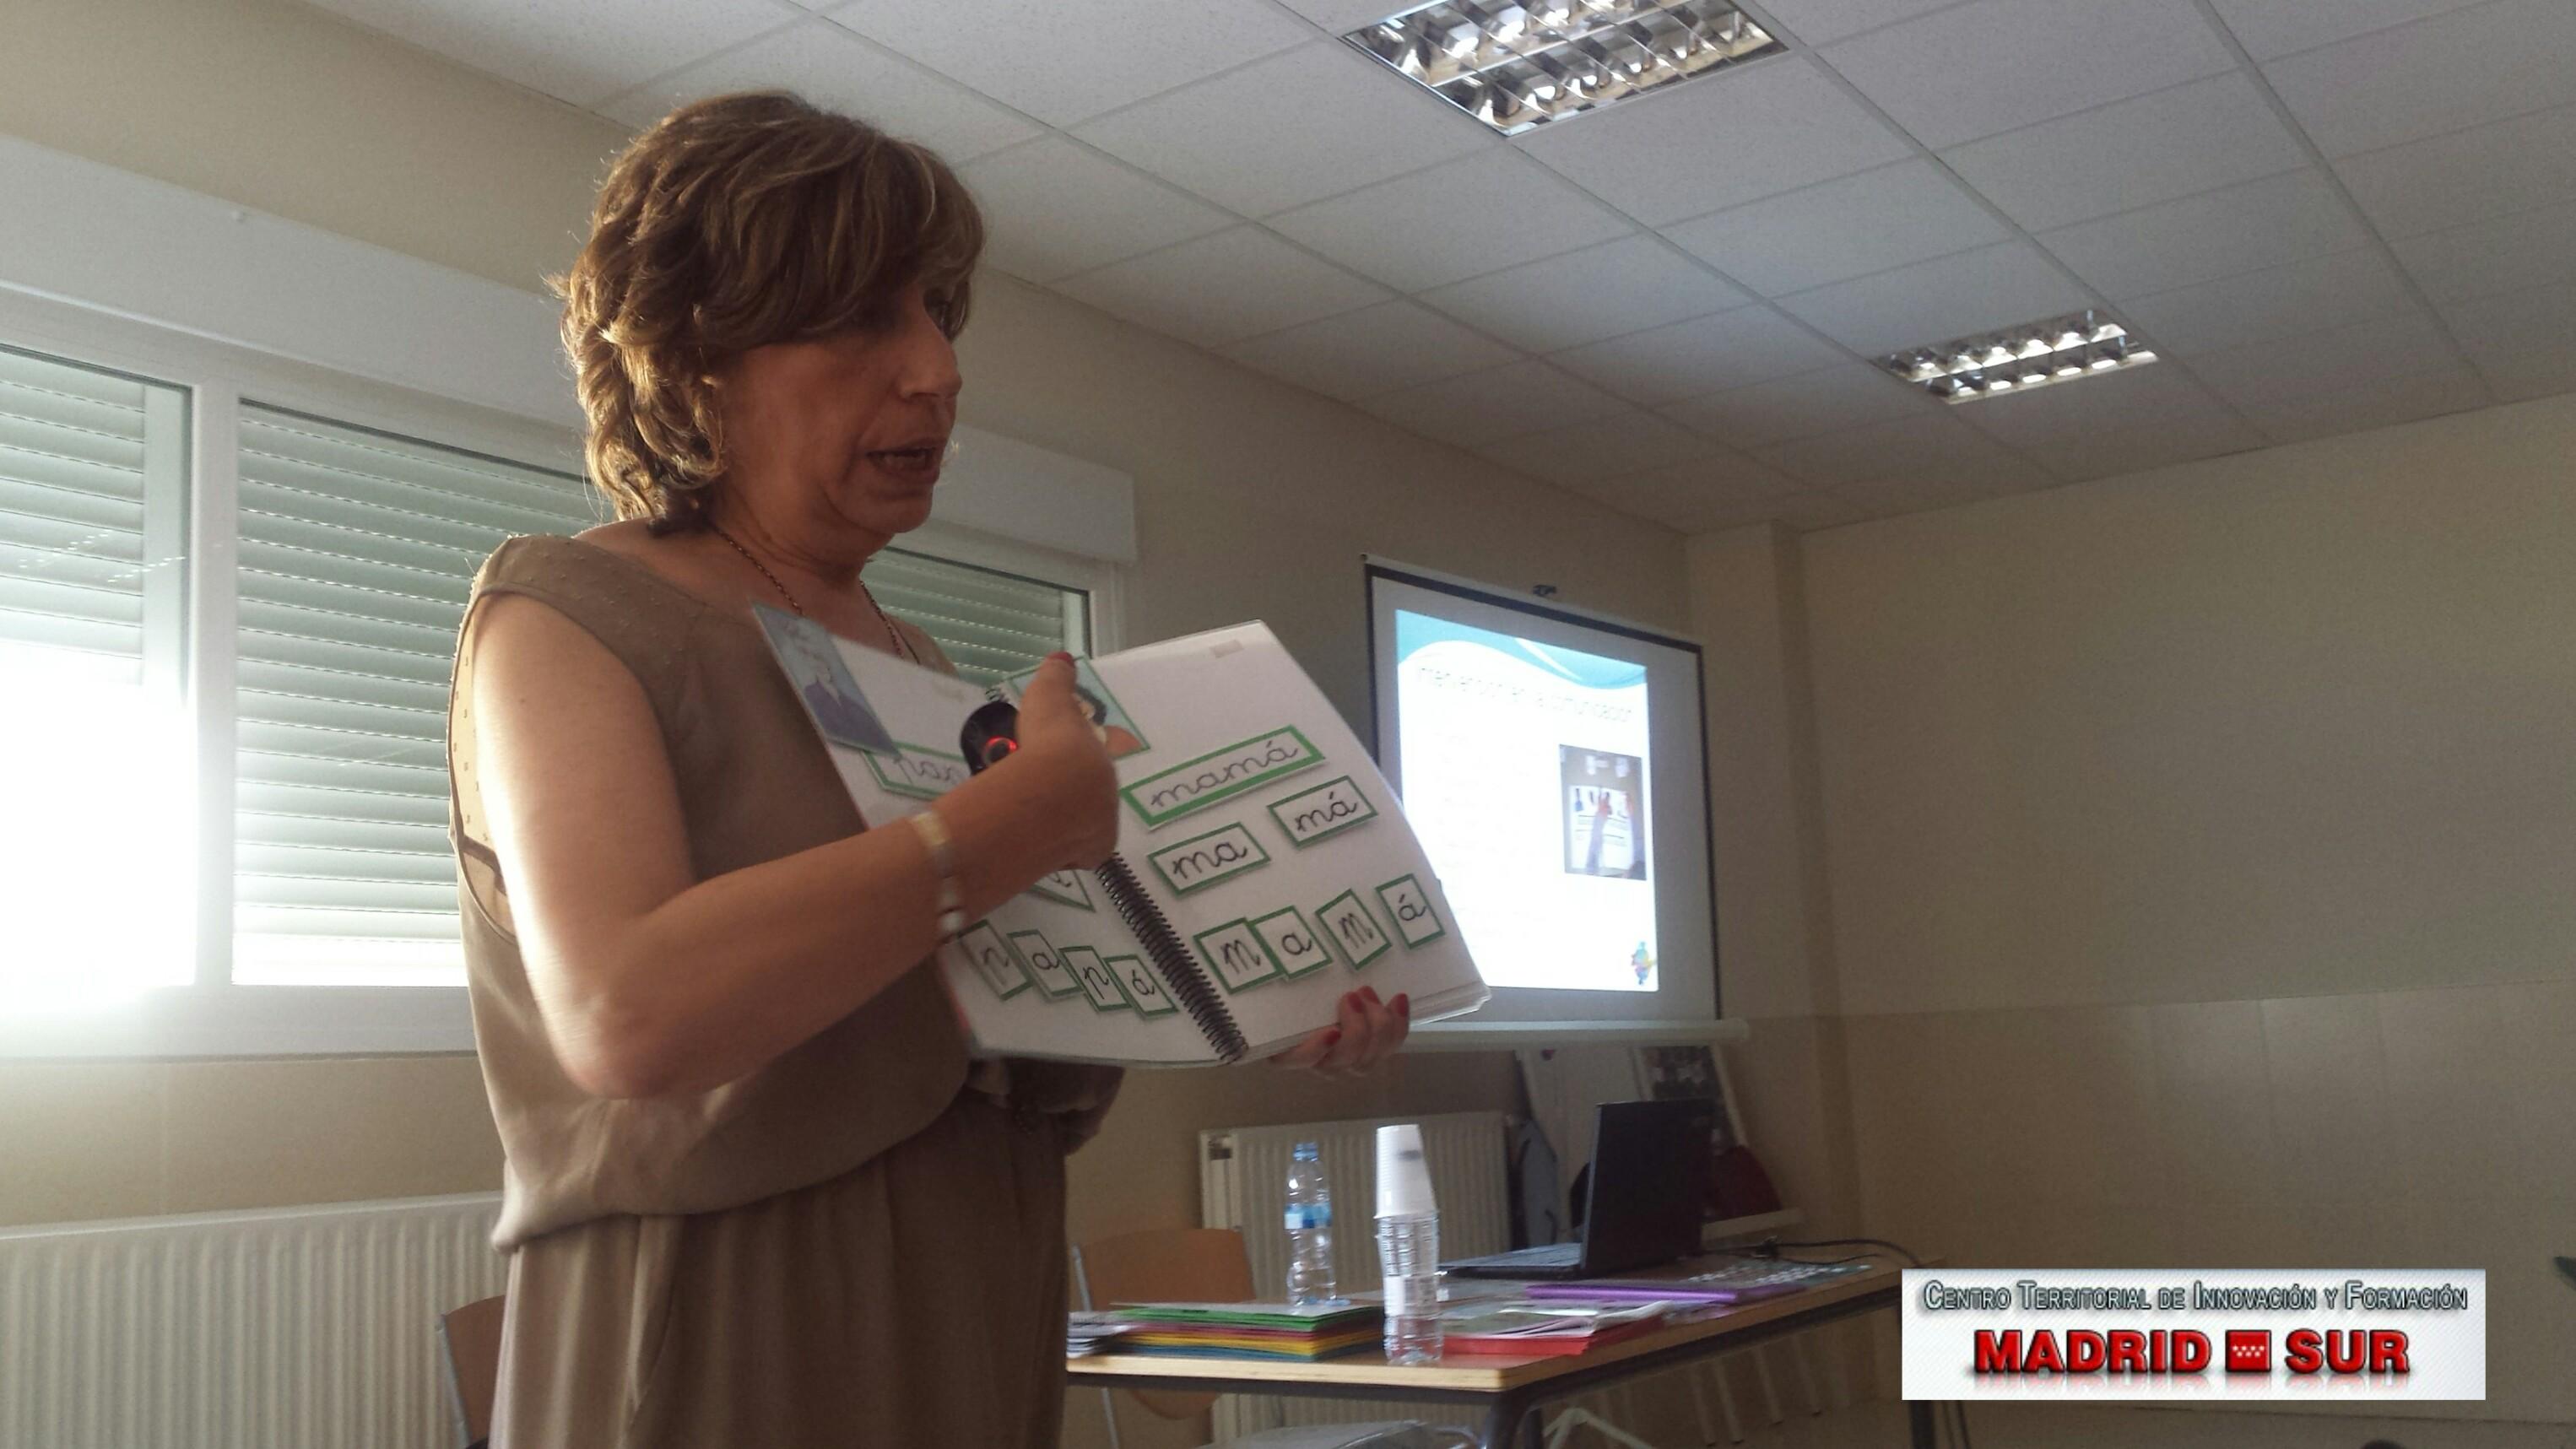 Última ponencia del Curso sobre  Formacion Inicial en TEA en el colegio Nuestra Señora de la Concepción de Navalcarnero, impartida por Teresa Guijarro Roda, miembro del aula TEA del Colegio Montserrat de Madrid, el día 29 de junio de 2016.